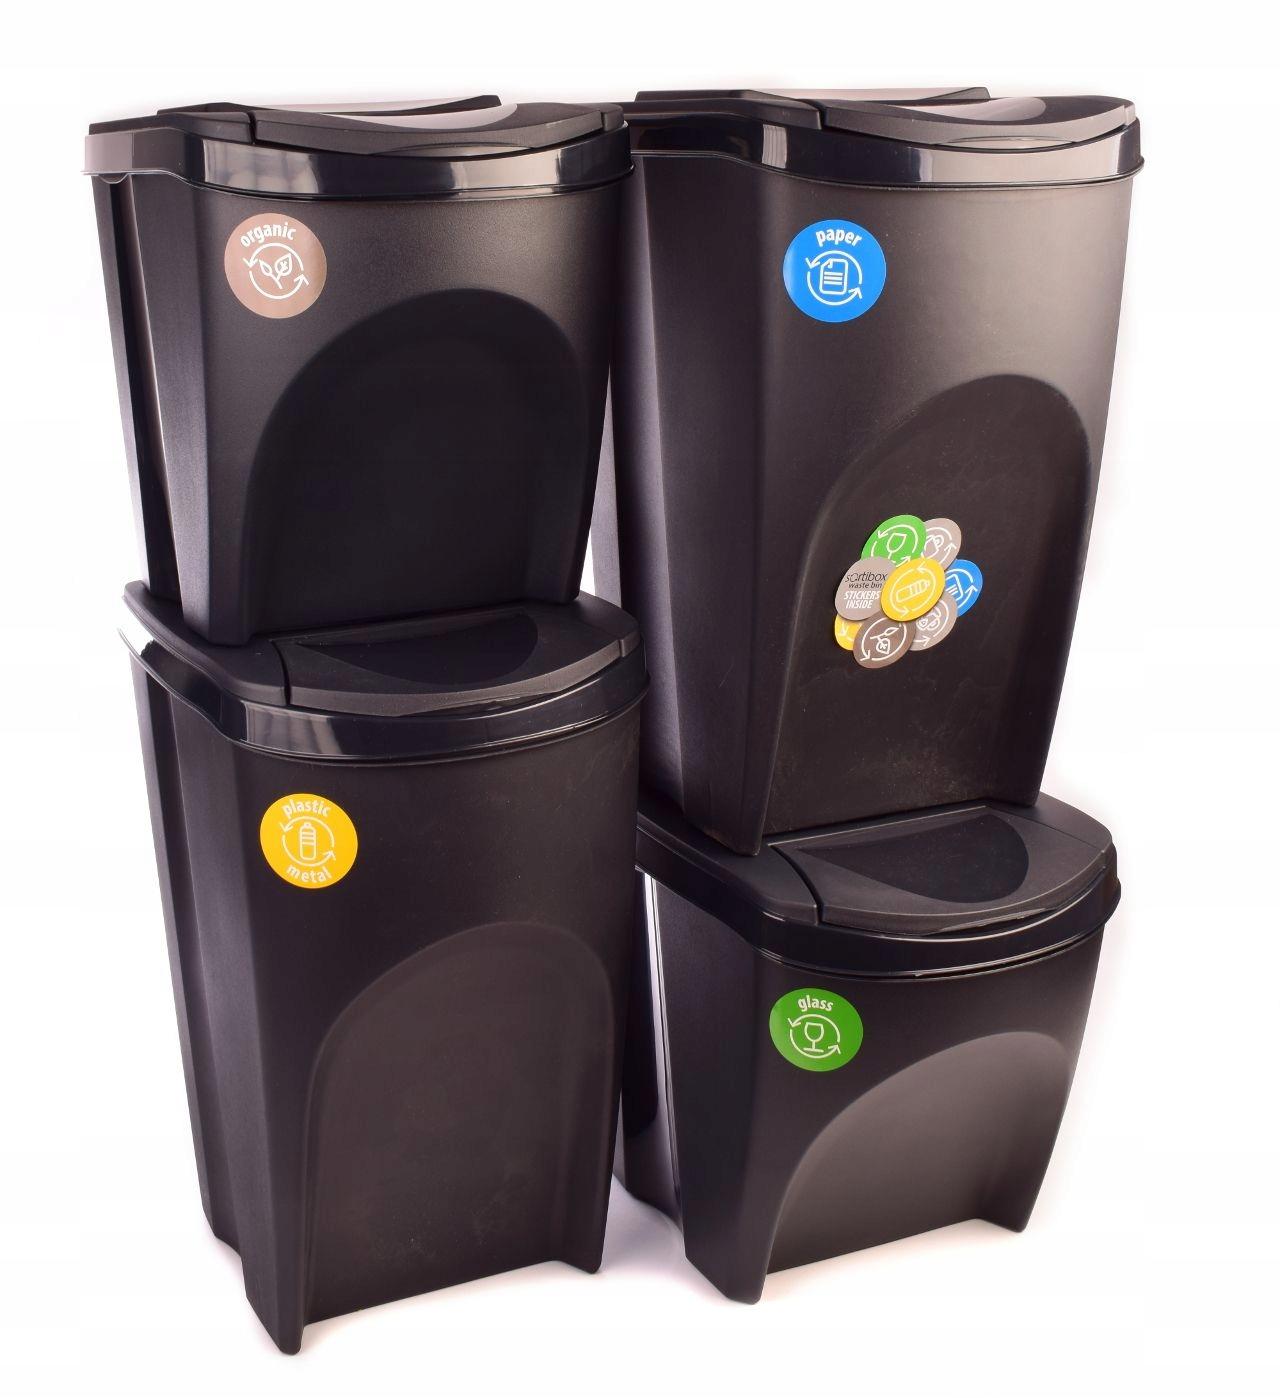 Корзина может установить для мусора сегрегации 2x35'2X25l